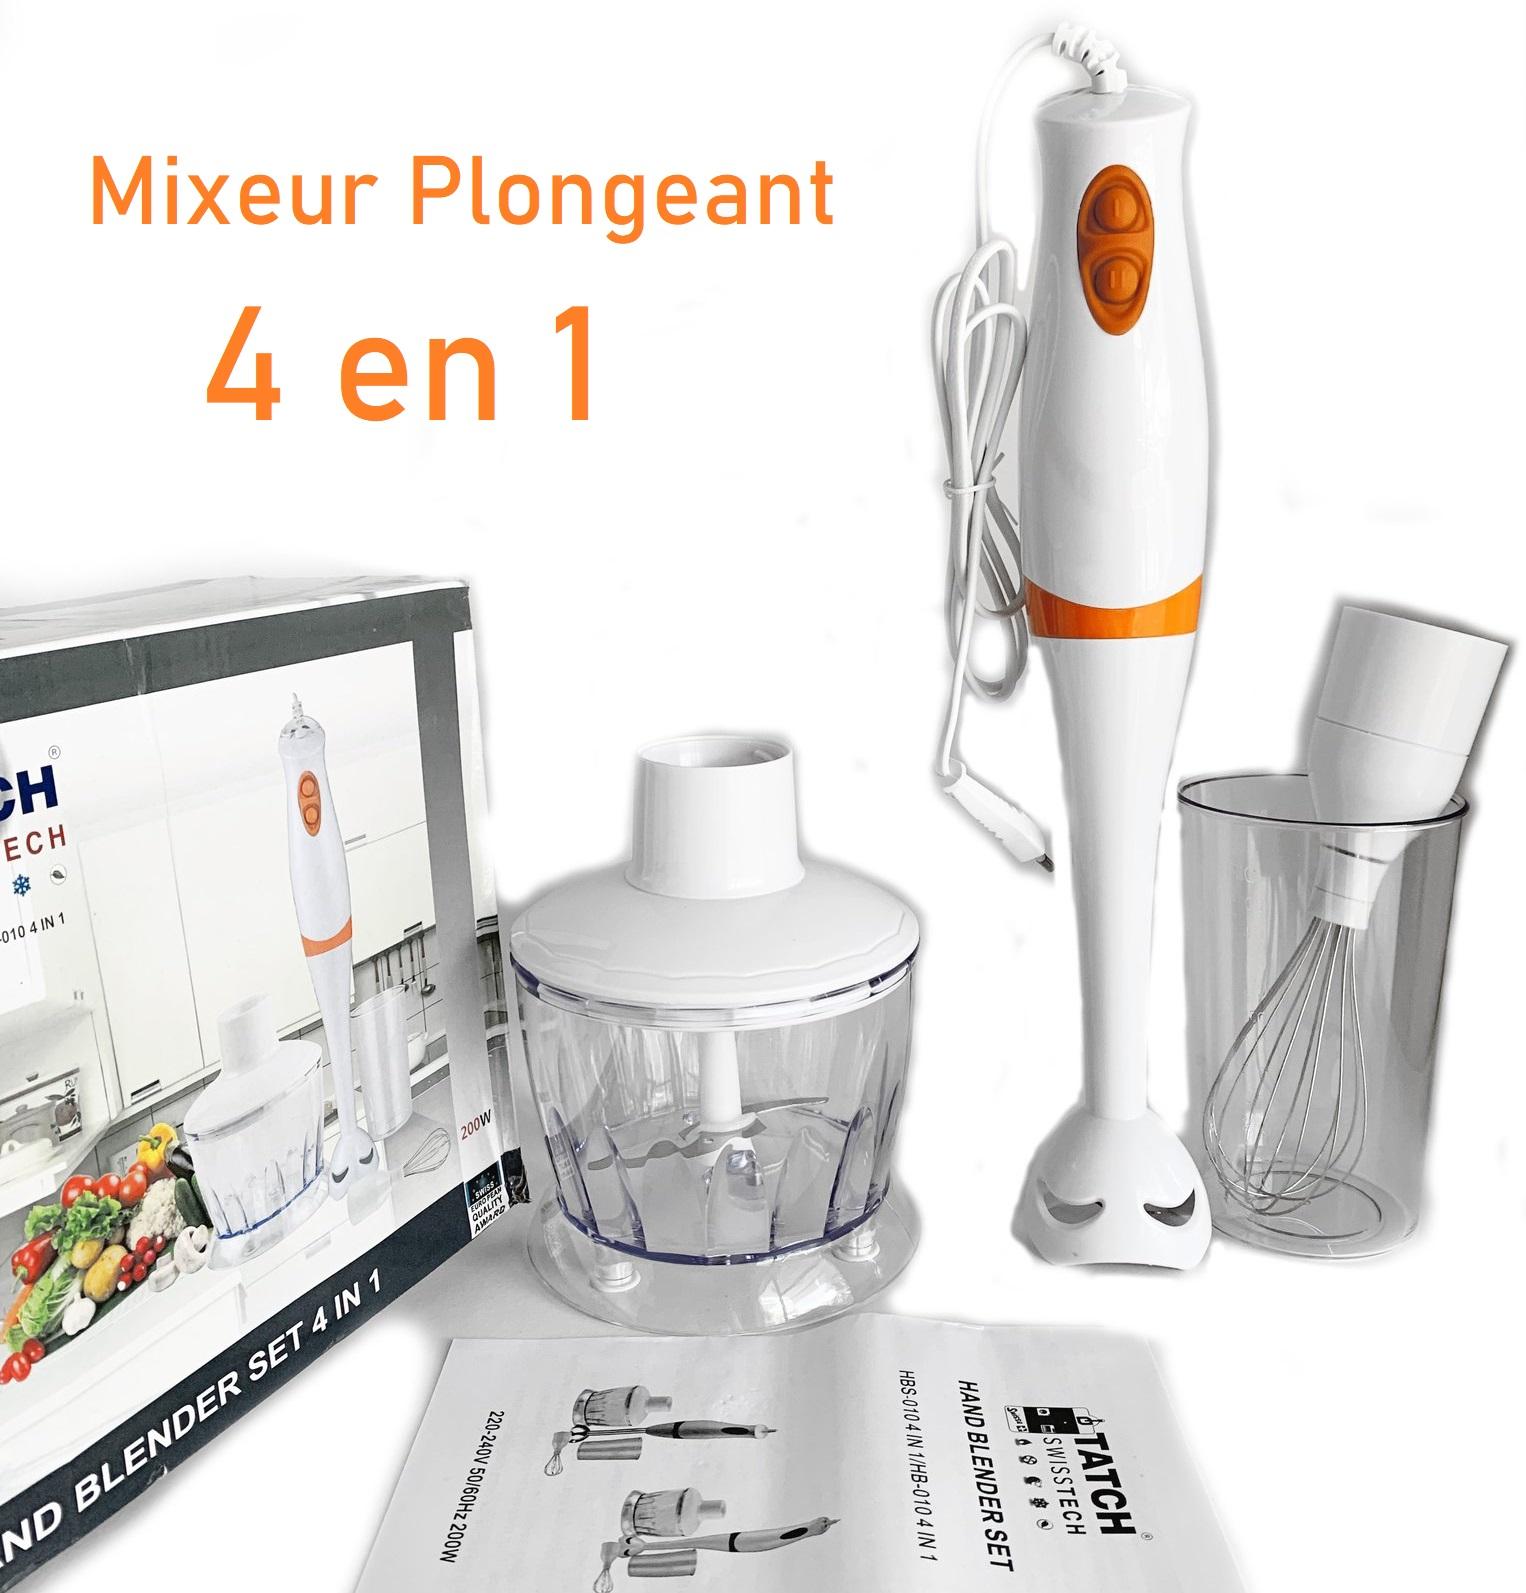 Mixeur Plongeant Maroc 4 en 1 خلاط يدوي كهربائي